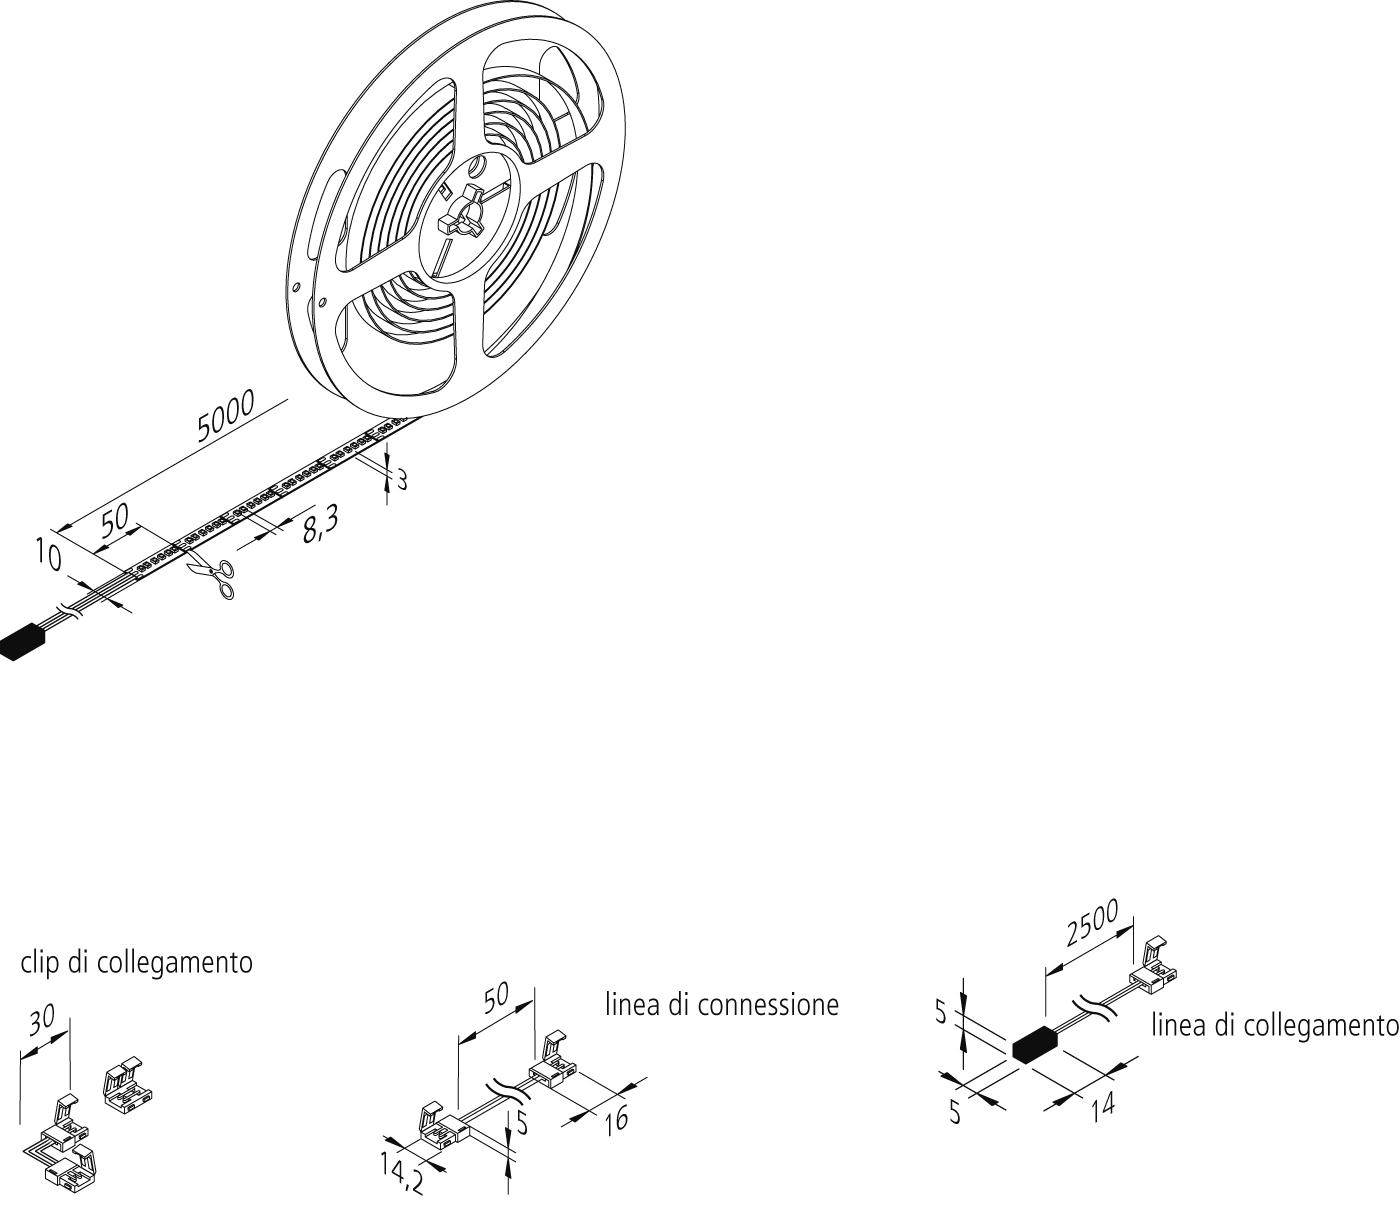 Anteprima: Dynamic-LED-Tape_it